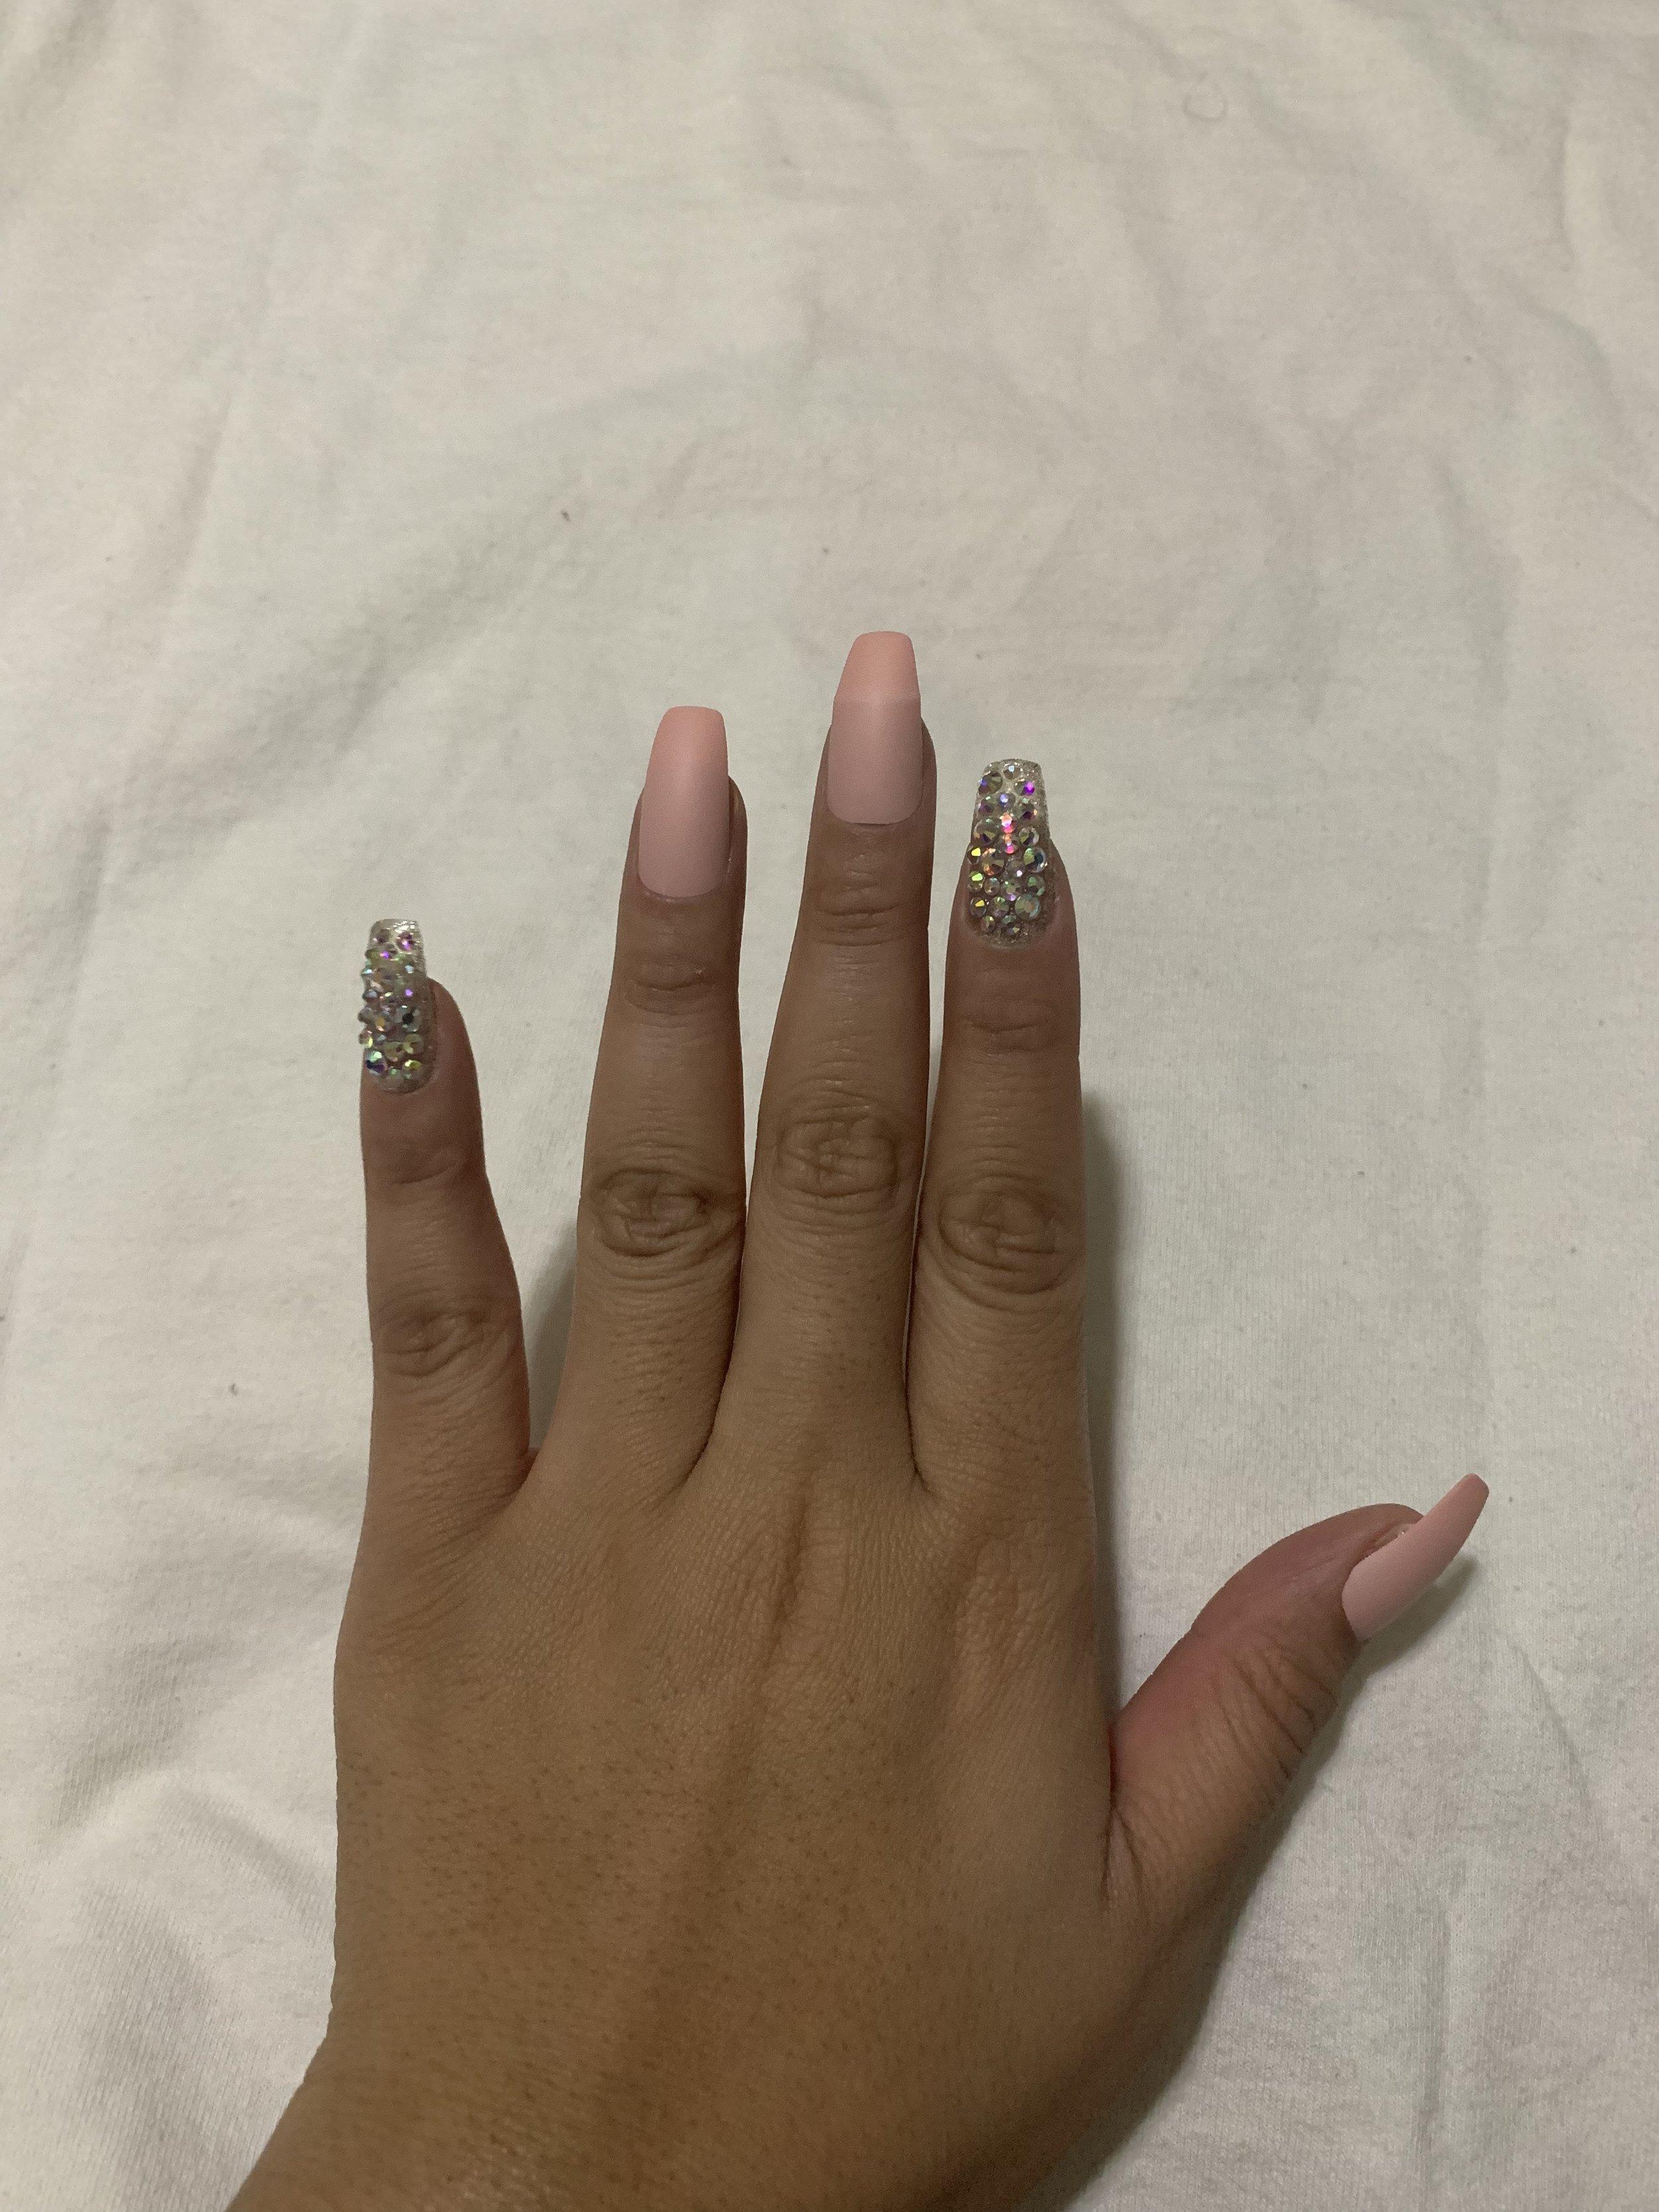 Cvs Press On Nails : press, nails, Press, Nails, Manicure, Trends